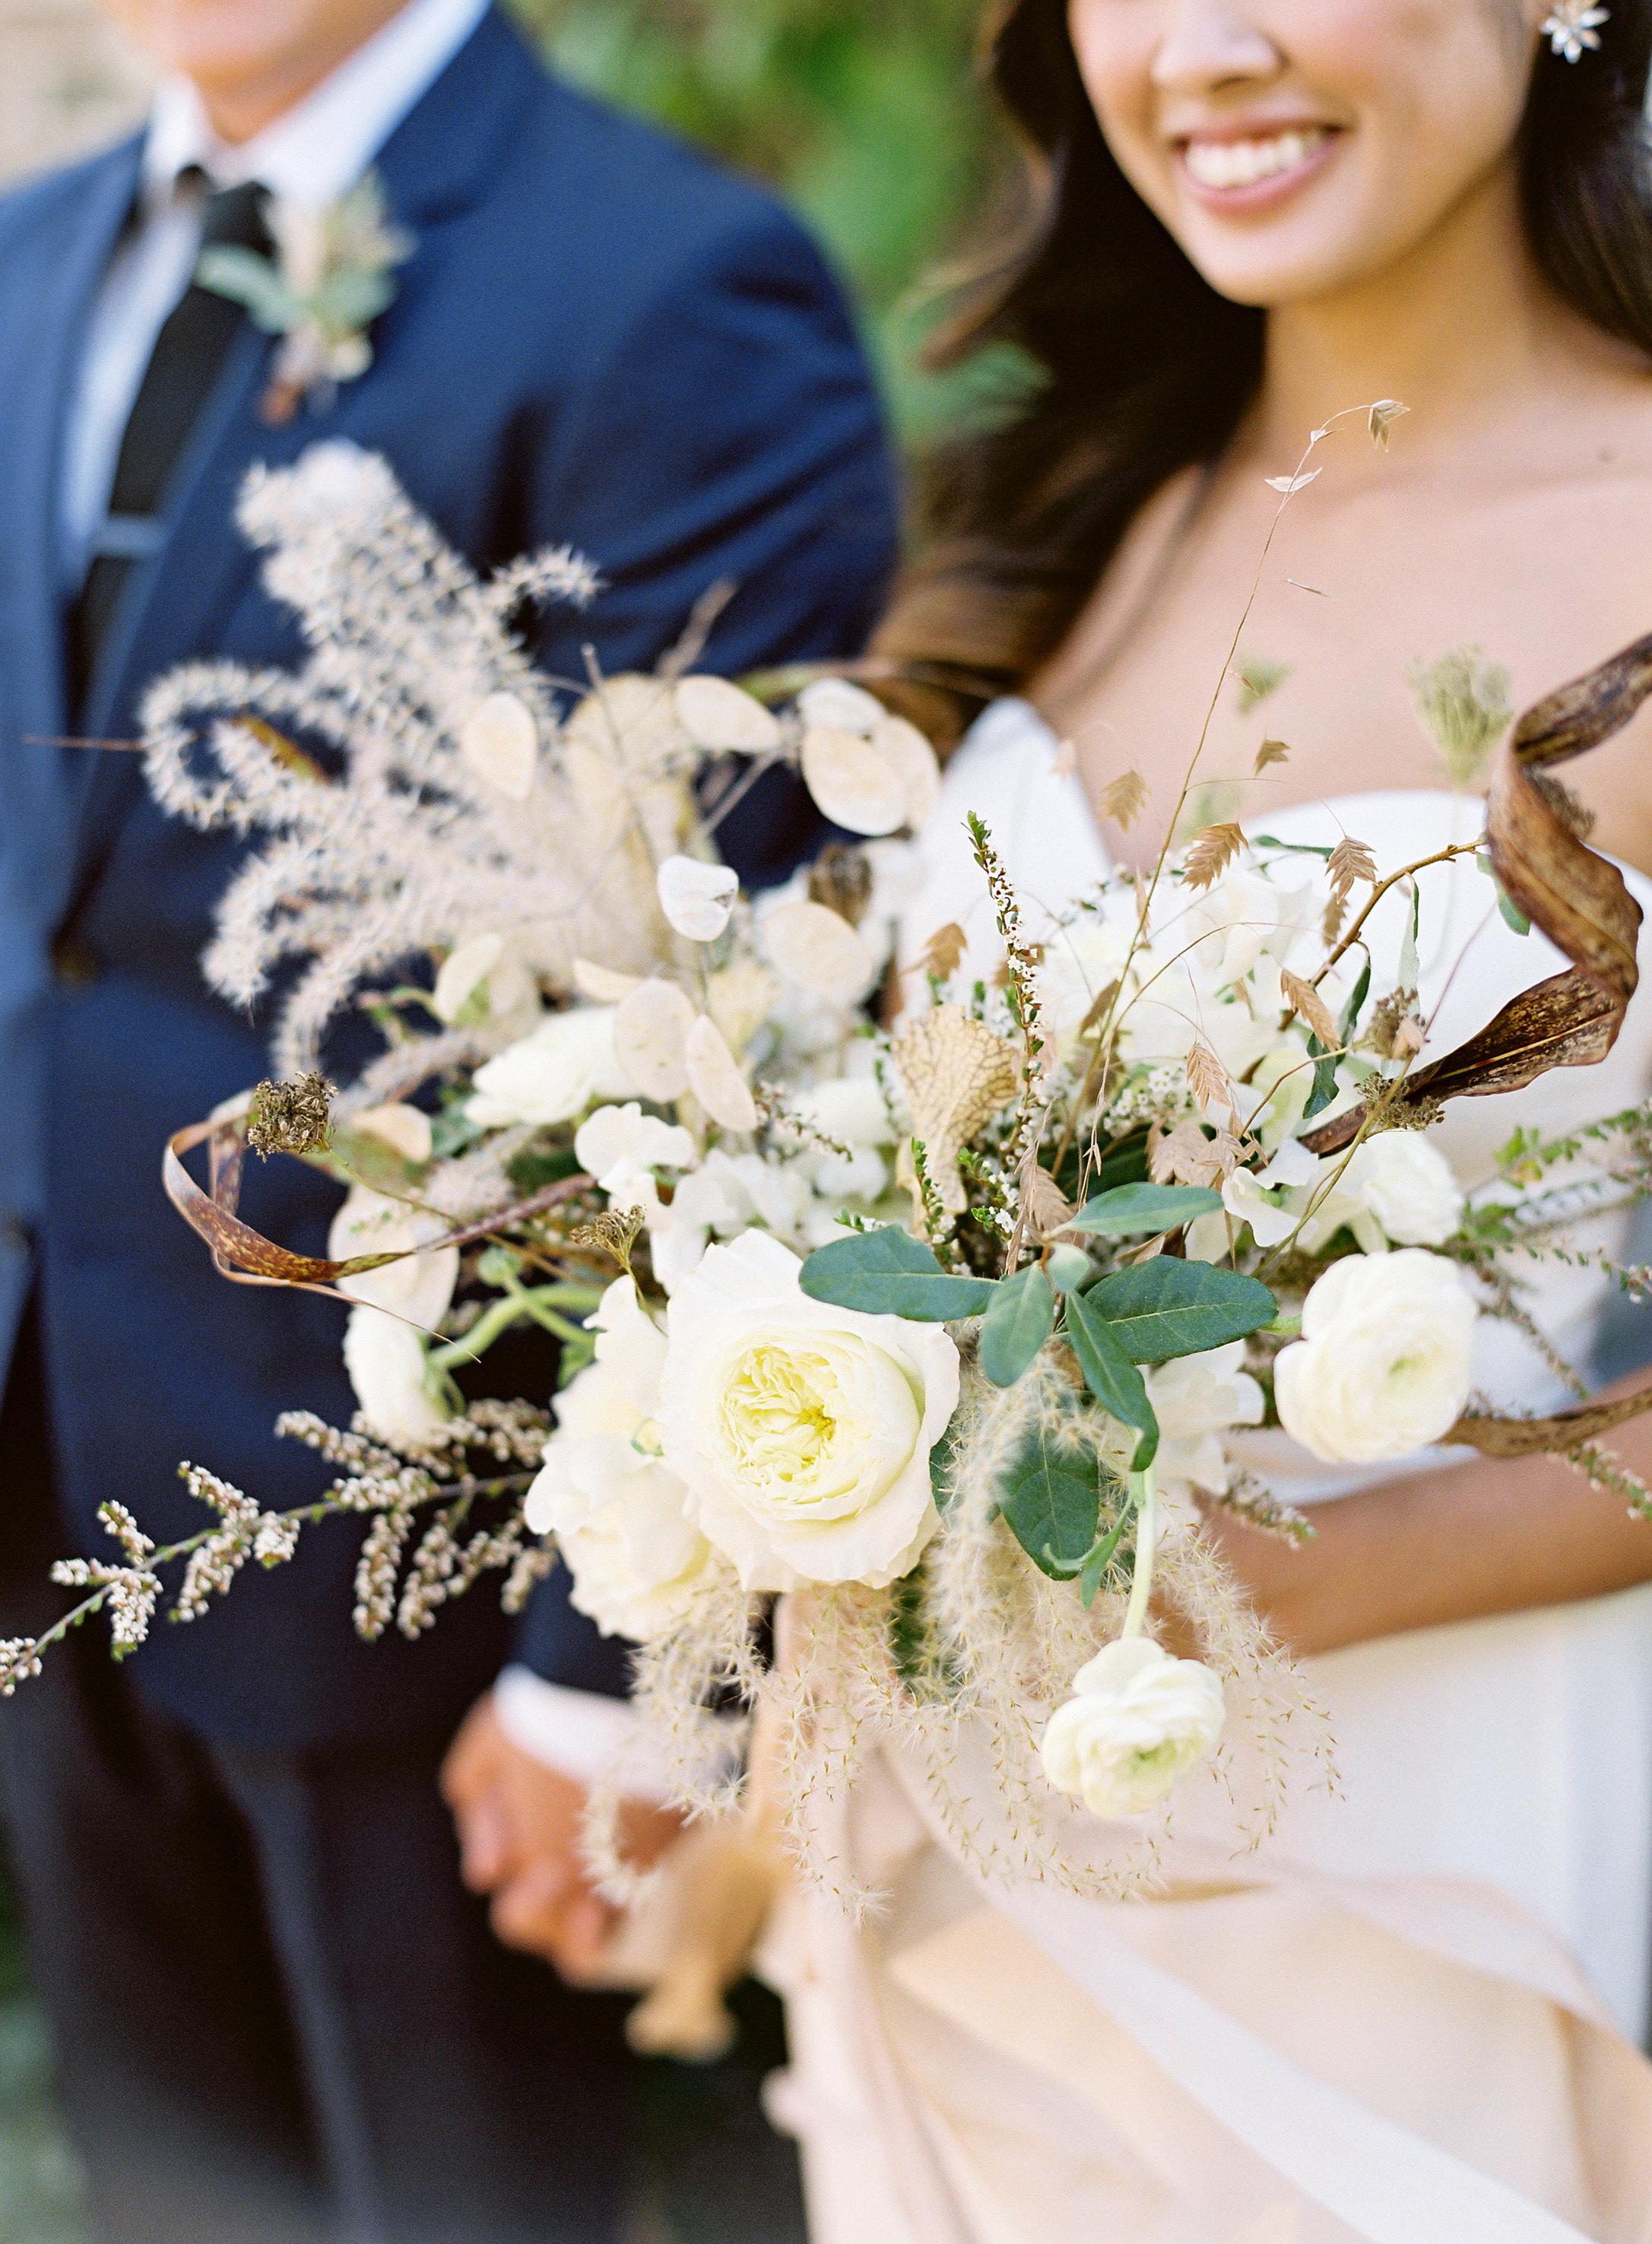 linda robert wedding bouquet